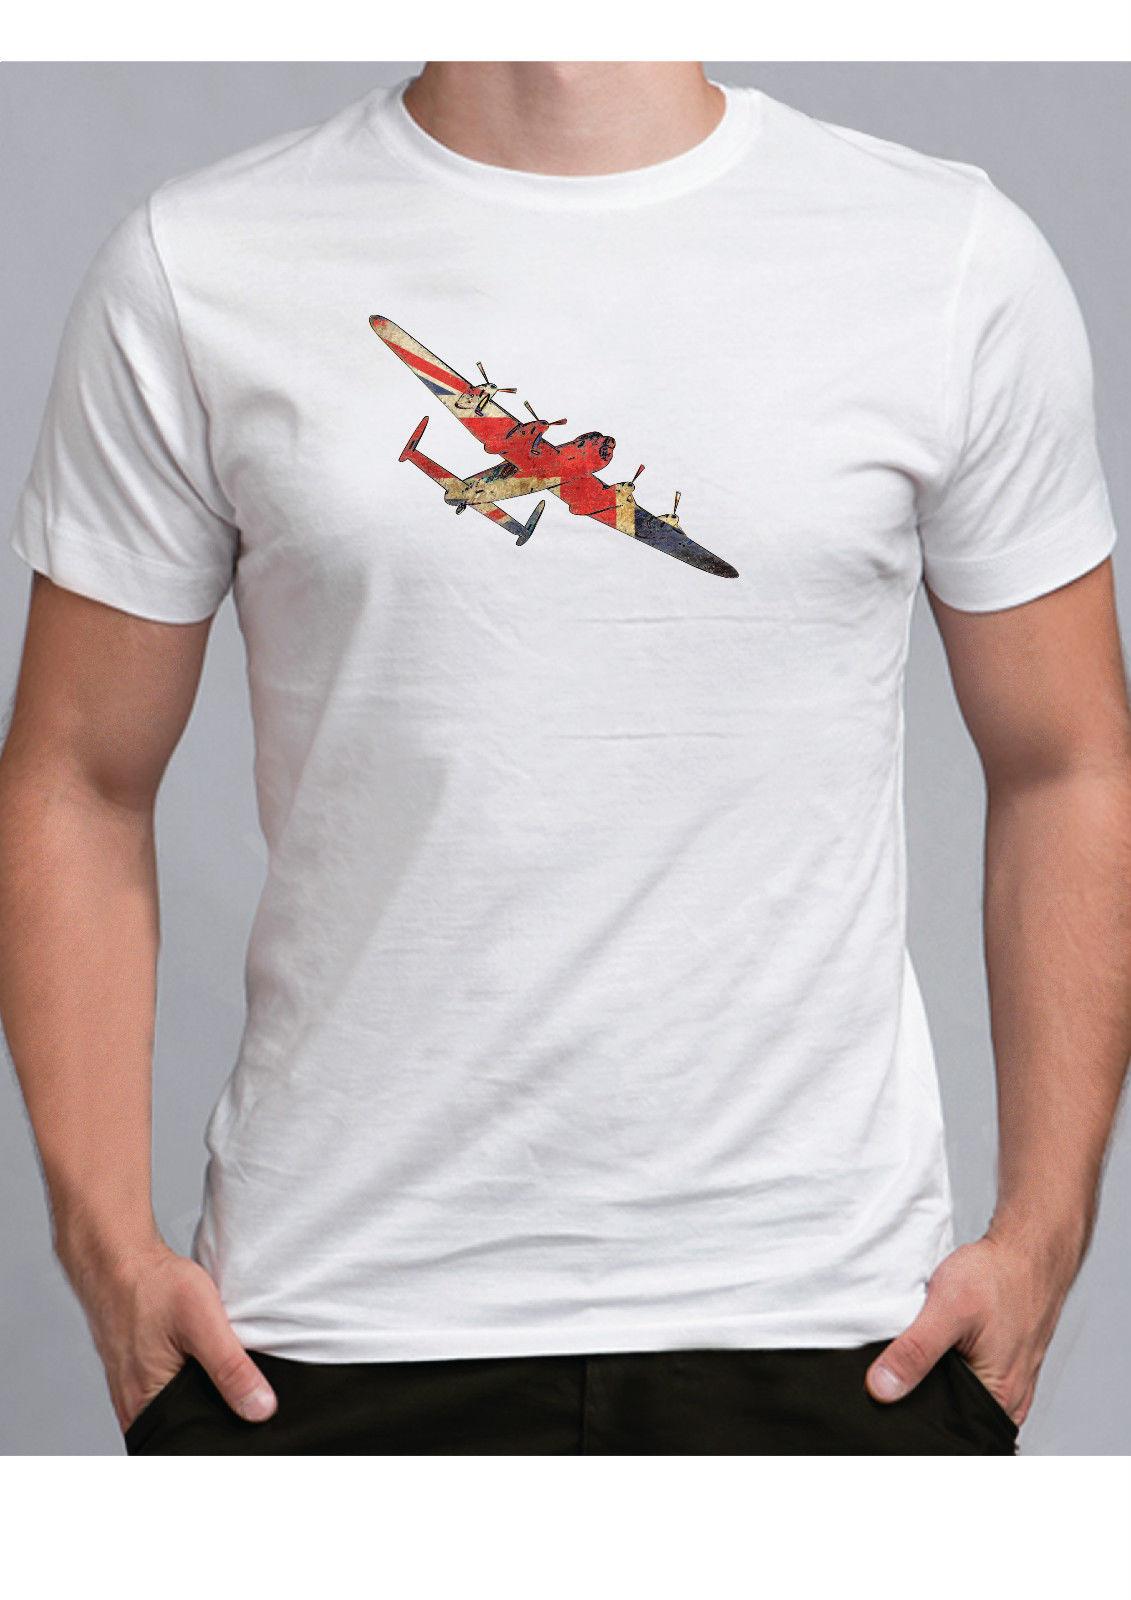 Британский Ланкастерский бомбардировщик футболка в английском стиле WW2 авиации футболка RAF войны